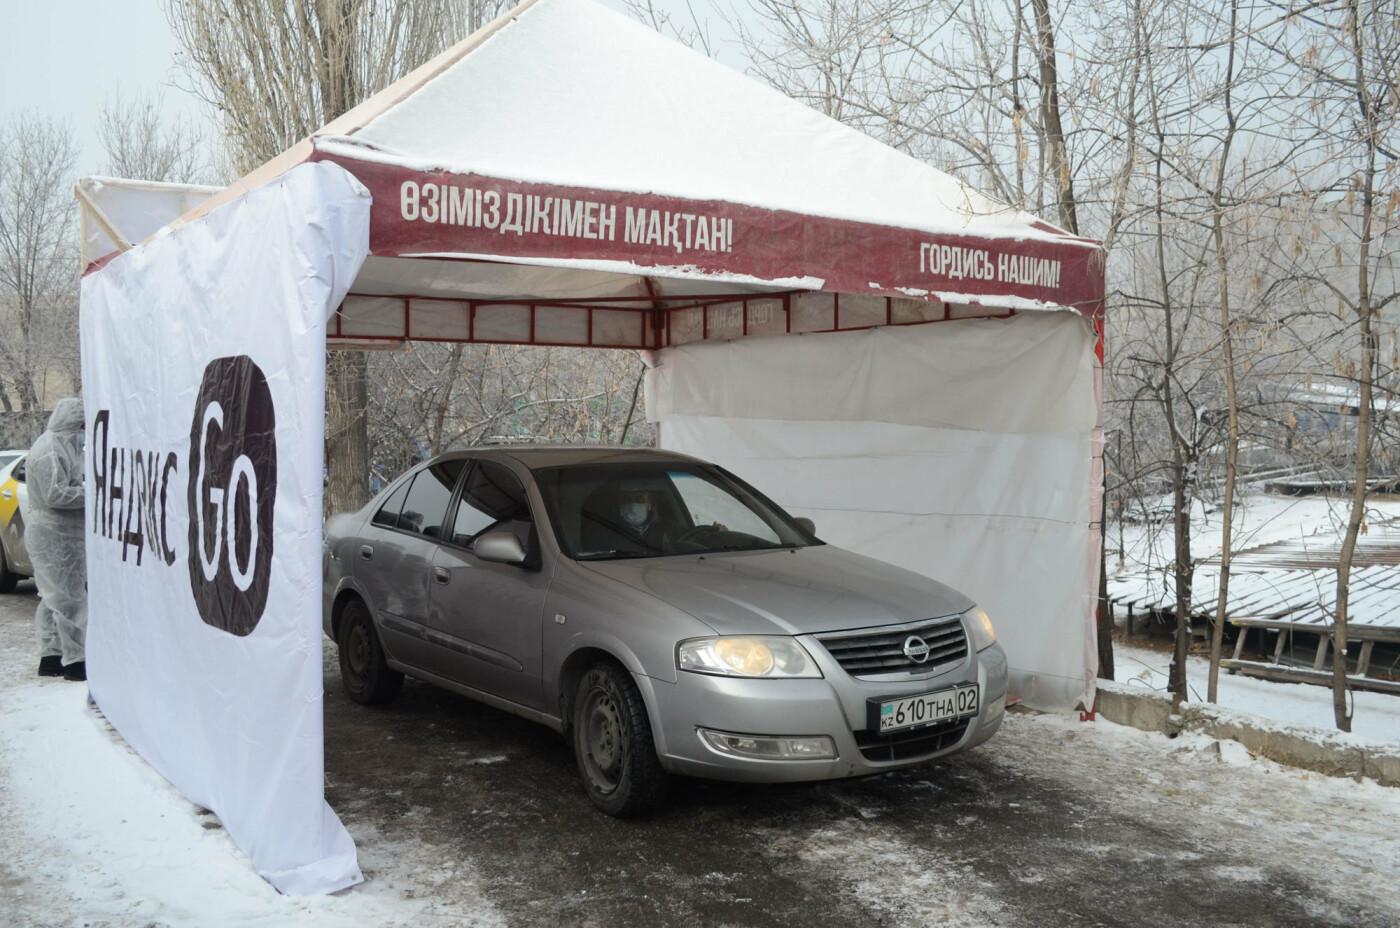 Как дезинфицируют машины, выполняющие заказы сервиса Яндекс.Такси в Алматы, фото-1